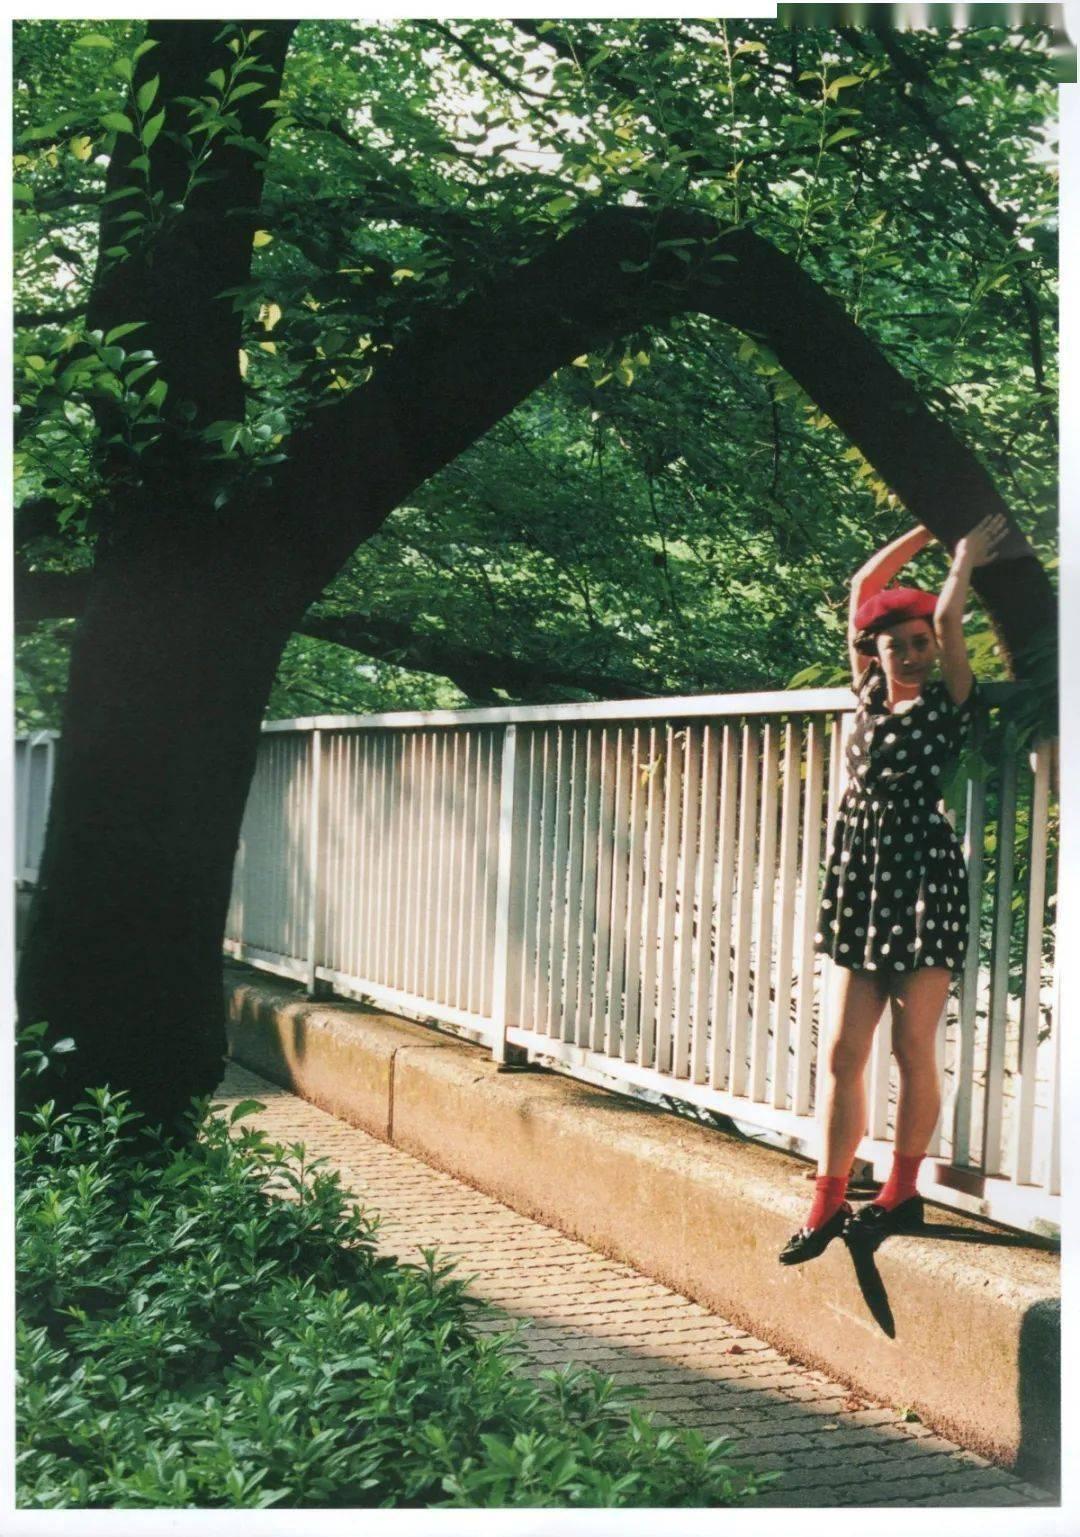 奥仲麻琴的17岁纪念写真「RUN RUN まこと」